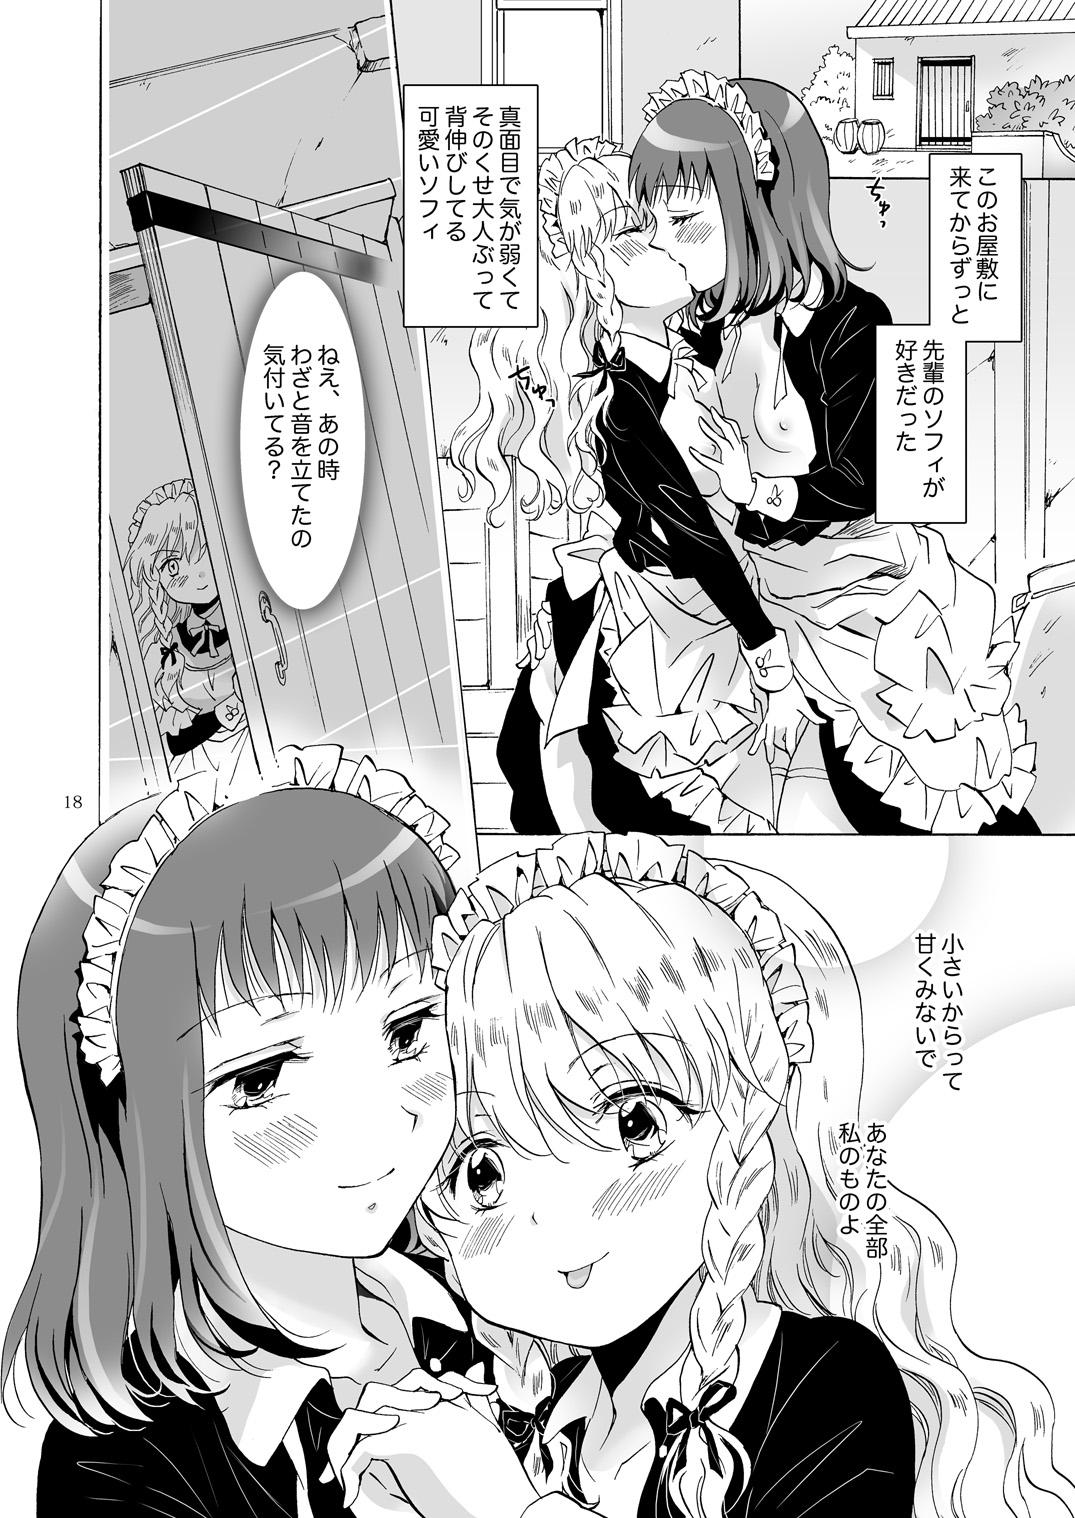 【エロ漫画・エロ同人誌】巨乳メイドがちっぱいメイドとレズエッチwww (17)